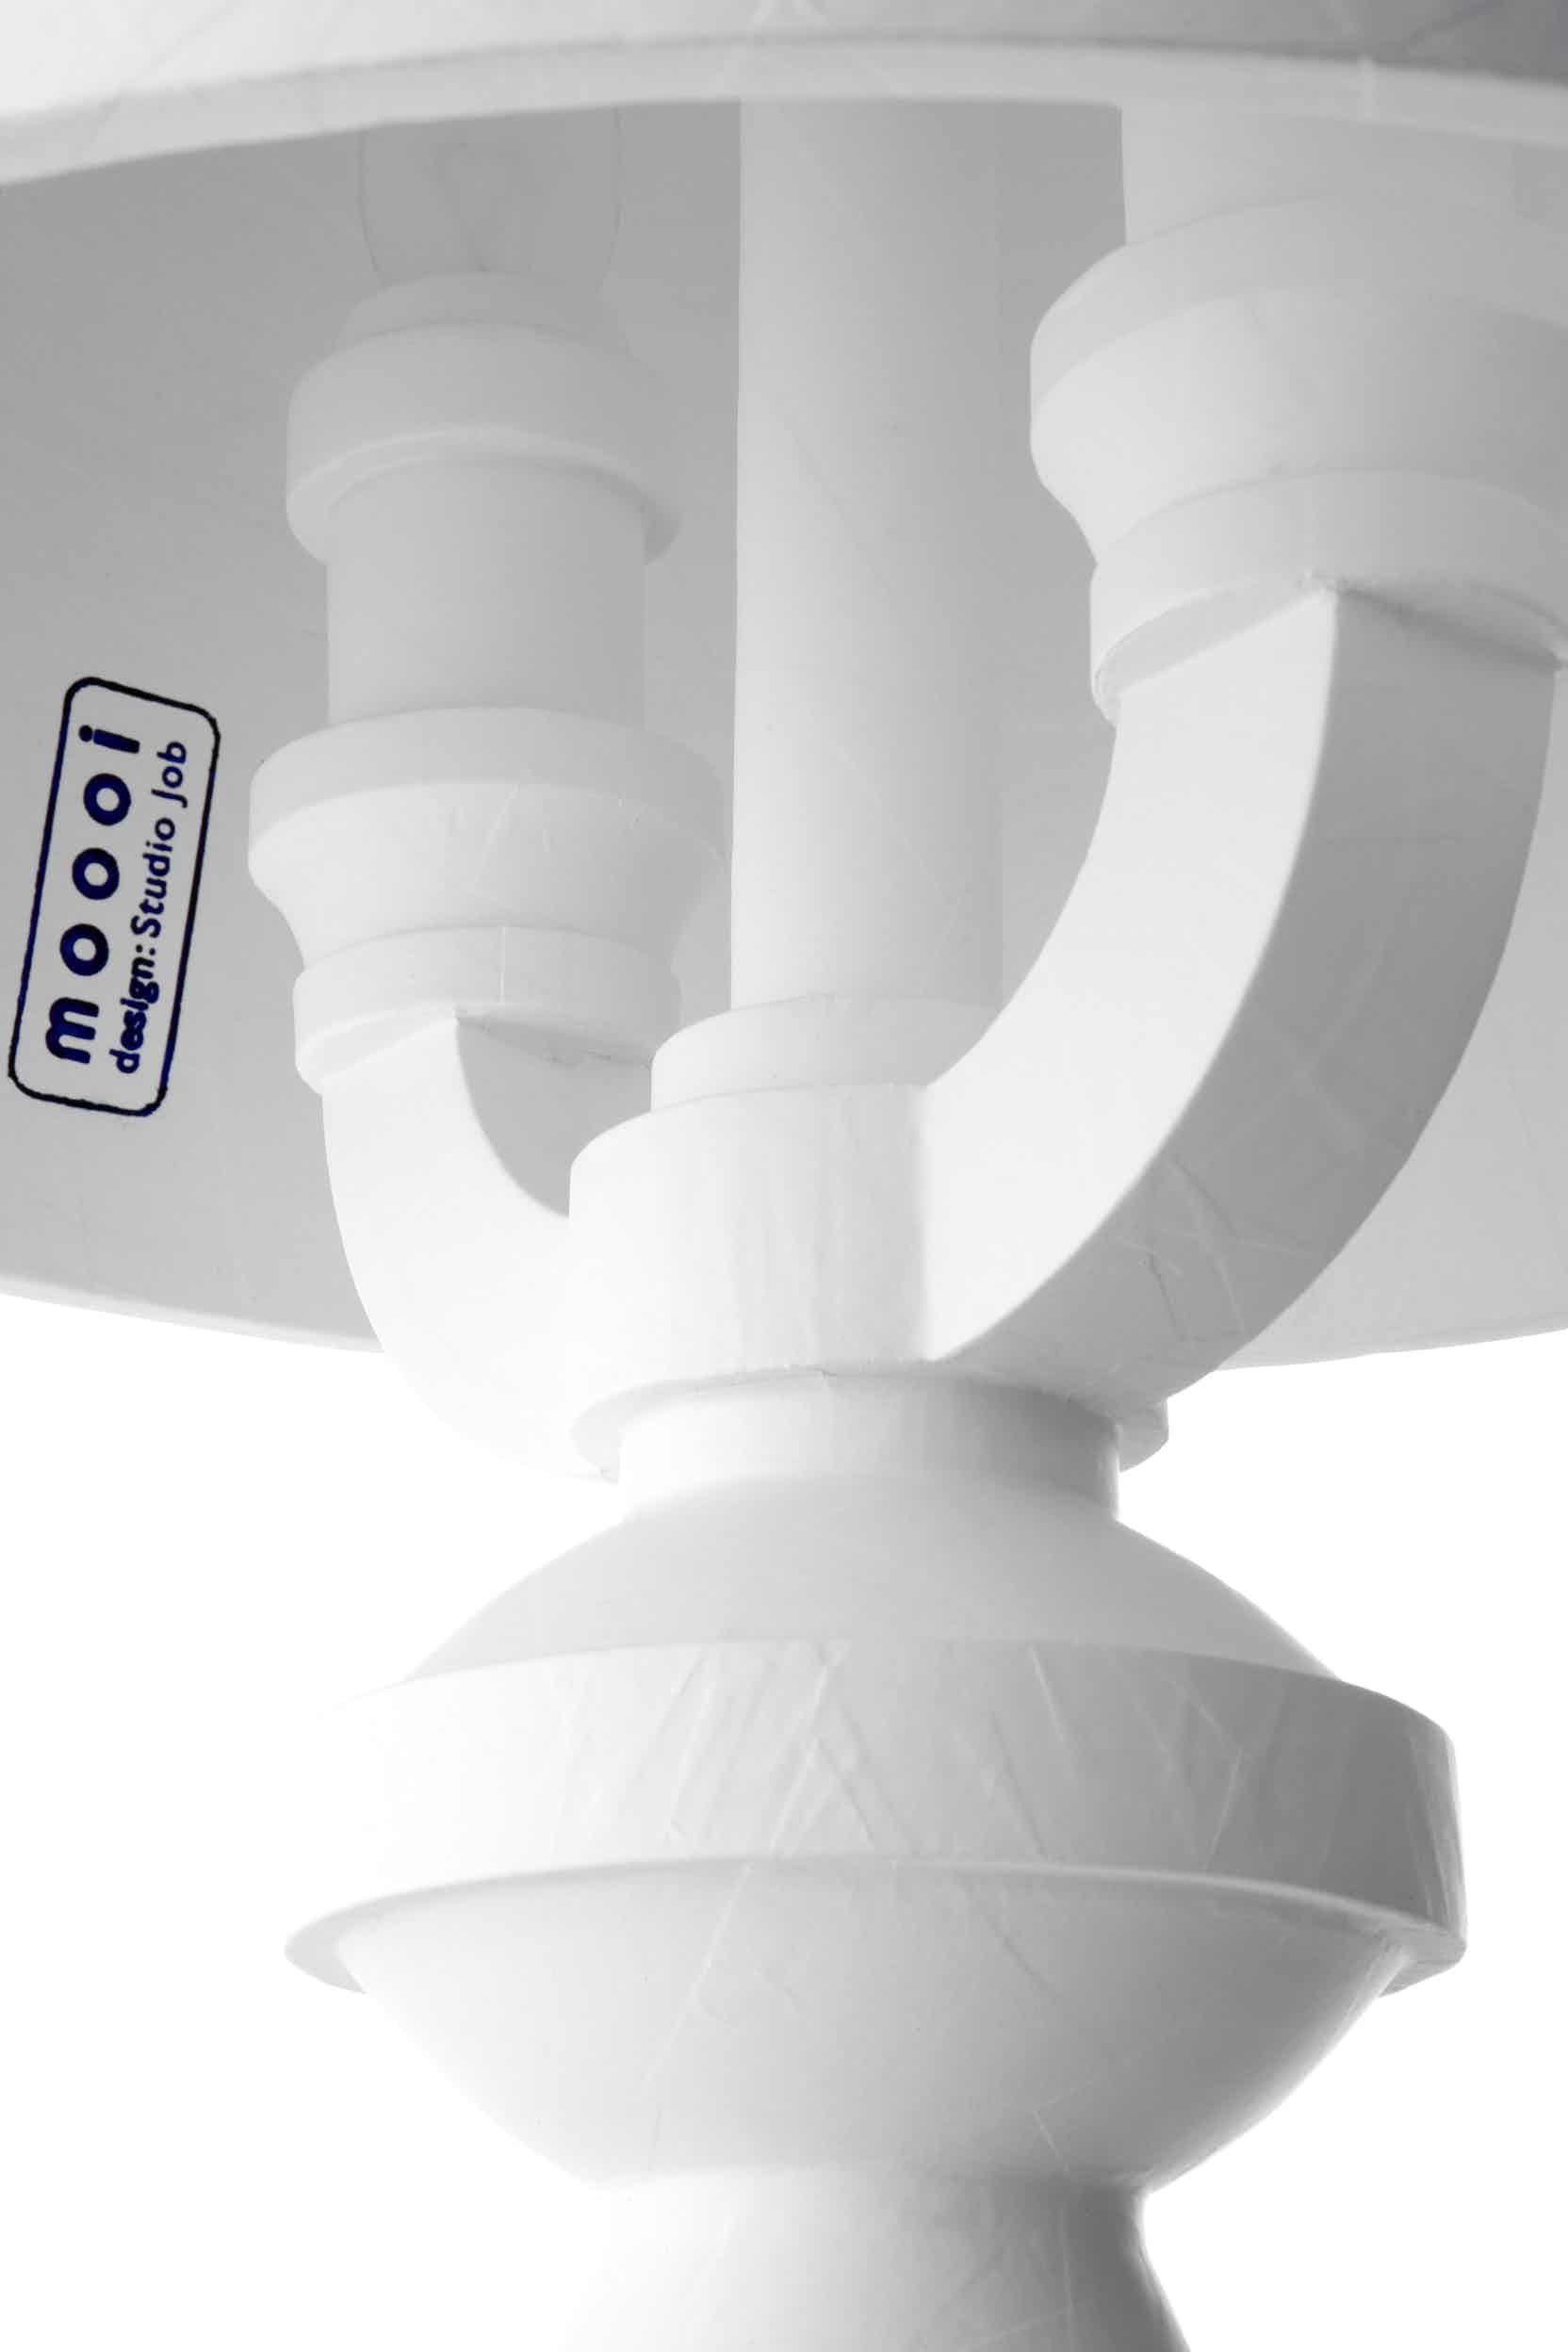 Papertablelamp Detail